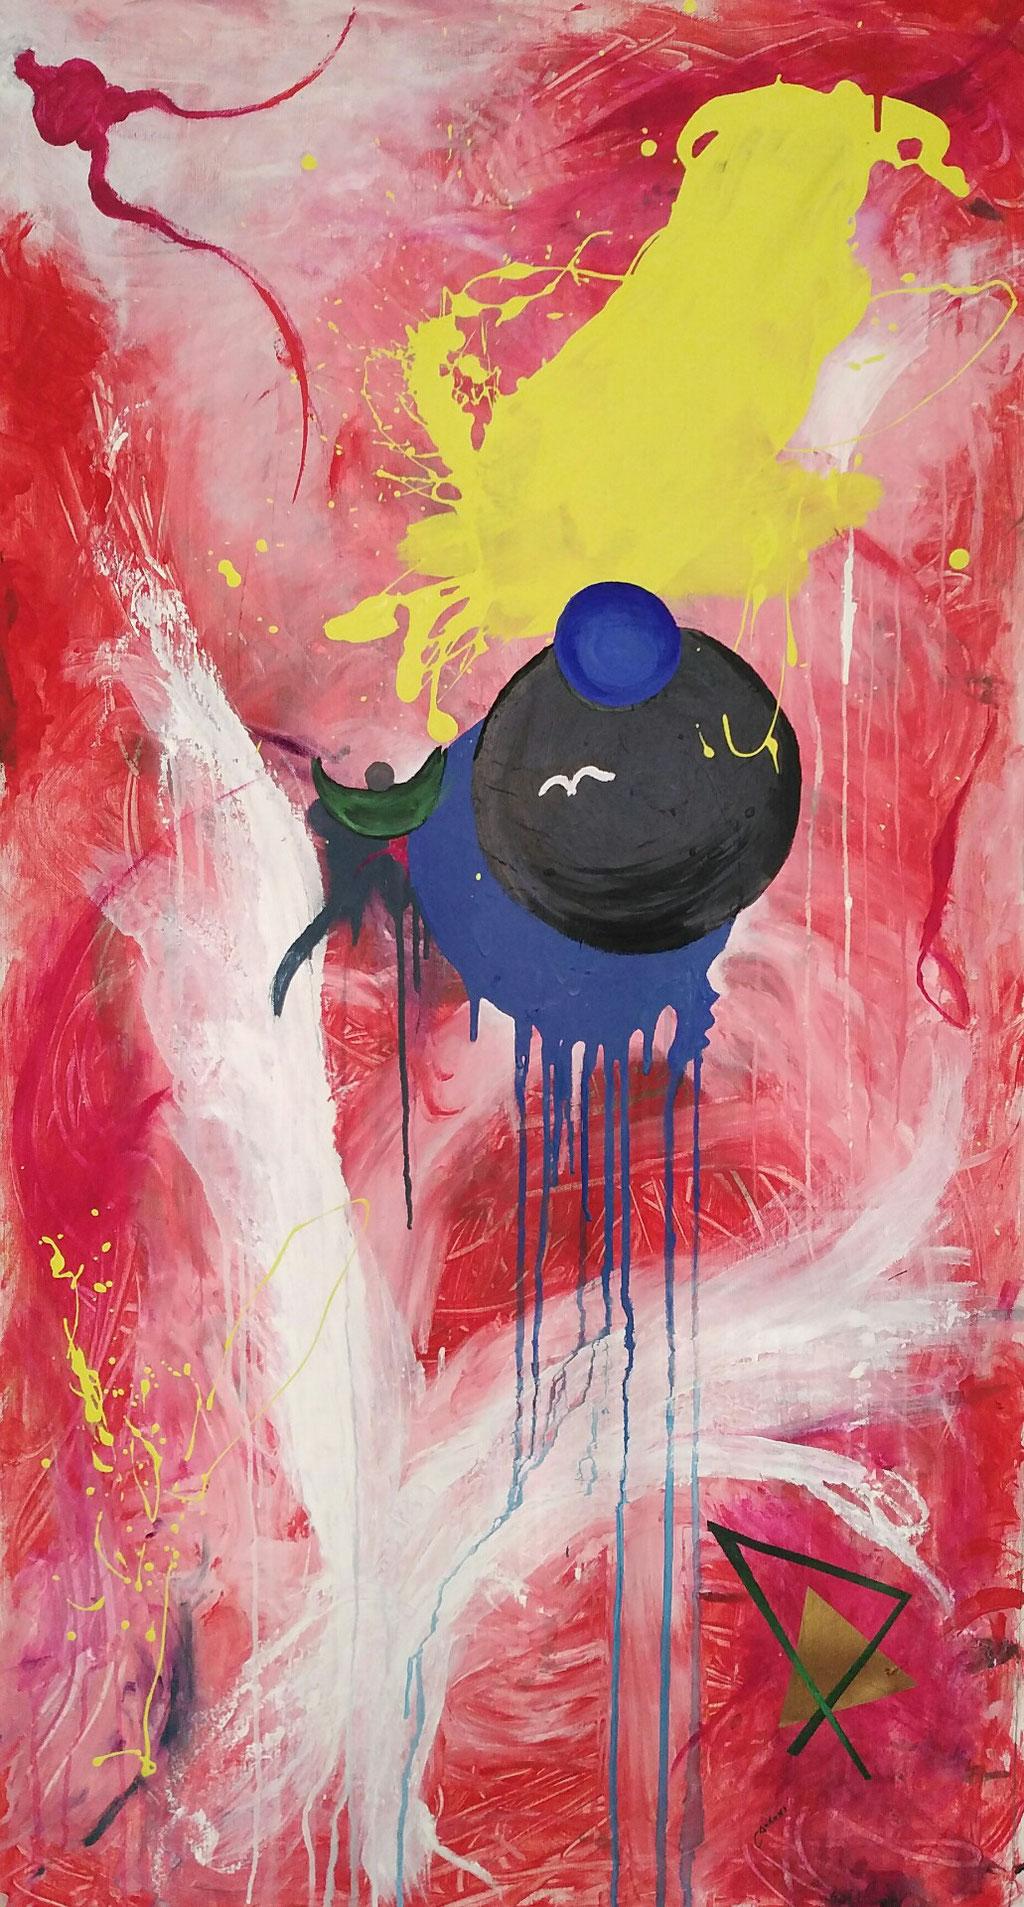 Gabbiano di notte / Seagull by night   Tec mista su tela  mixed media on canvas  123x68